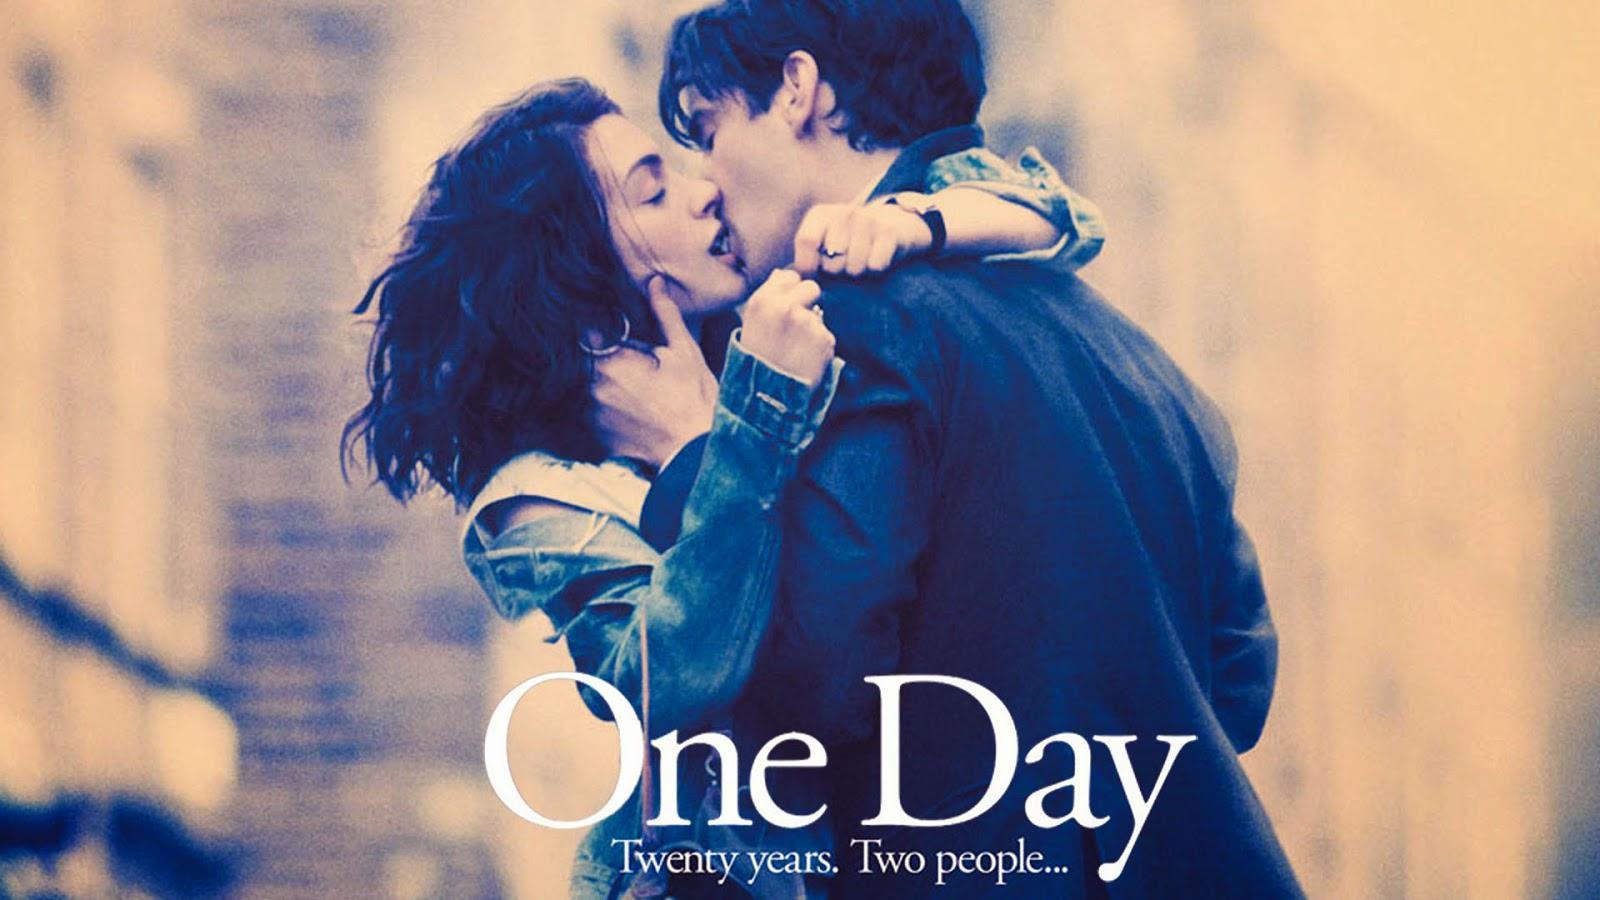 因為更珍惜,他們只好選擇這樣的方式守護著彼此《真愛挑日子》 – 我們用電影寫日記